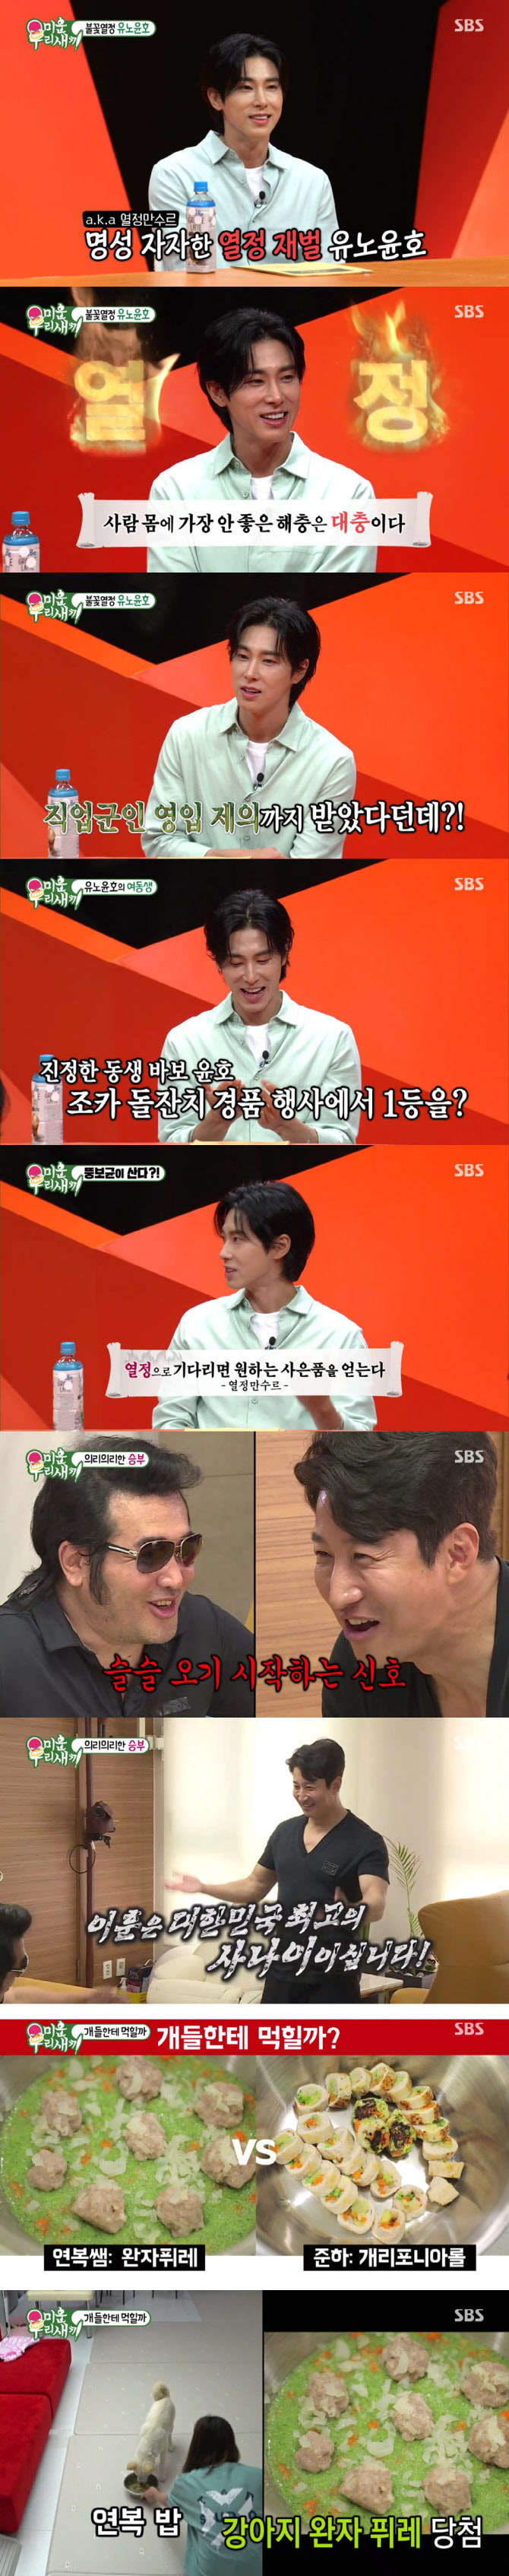 '미운우리새끼' 유노윤호, 열정 만수르→홍선영 '뚱보균 상위 10%'